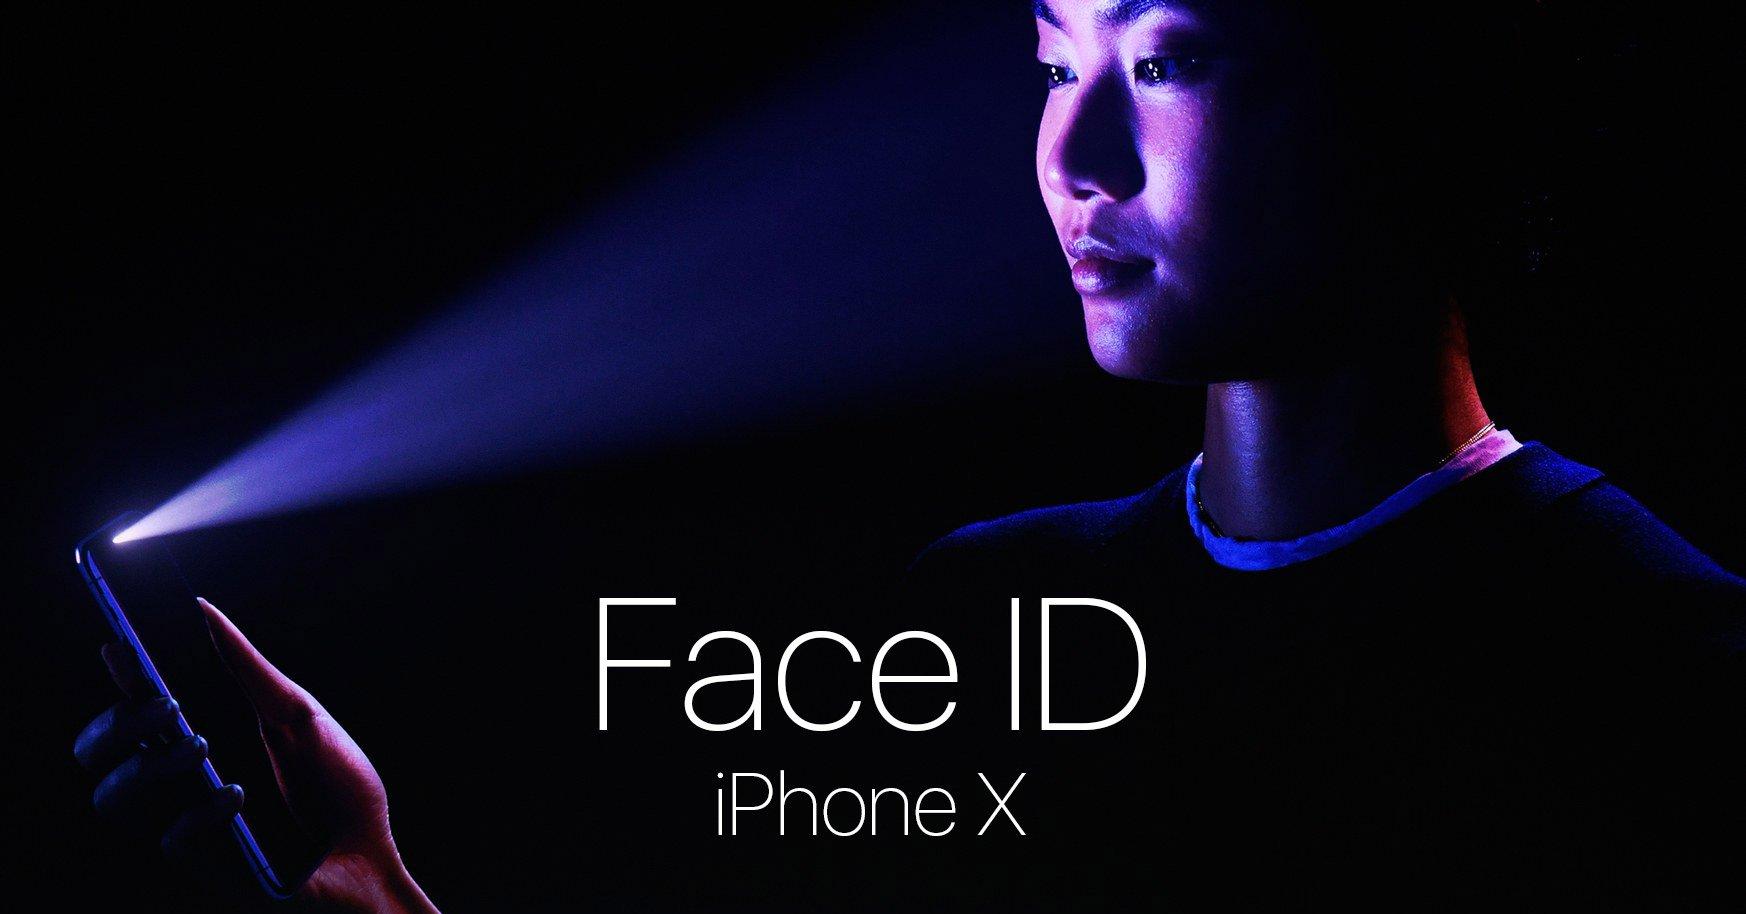 Face ID promete ser más eficiente que el Touch ID